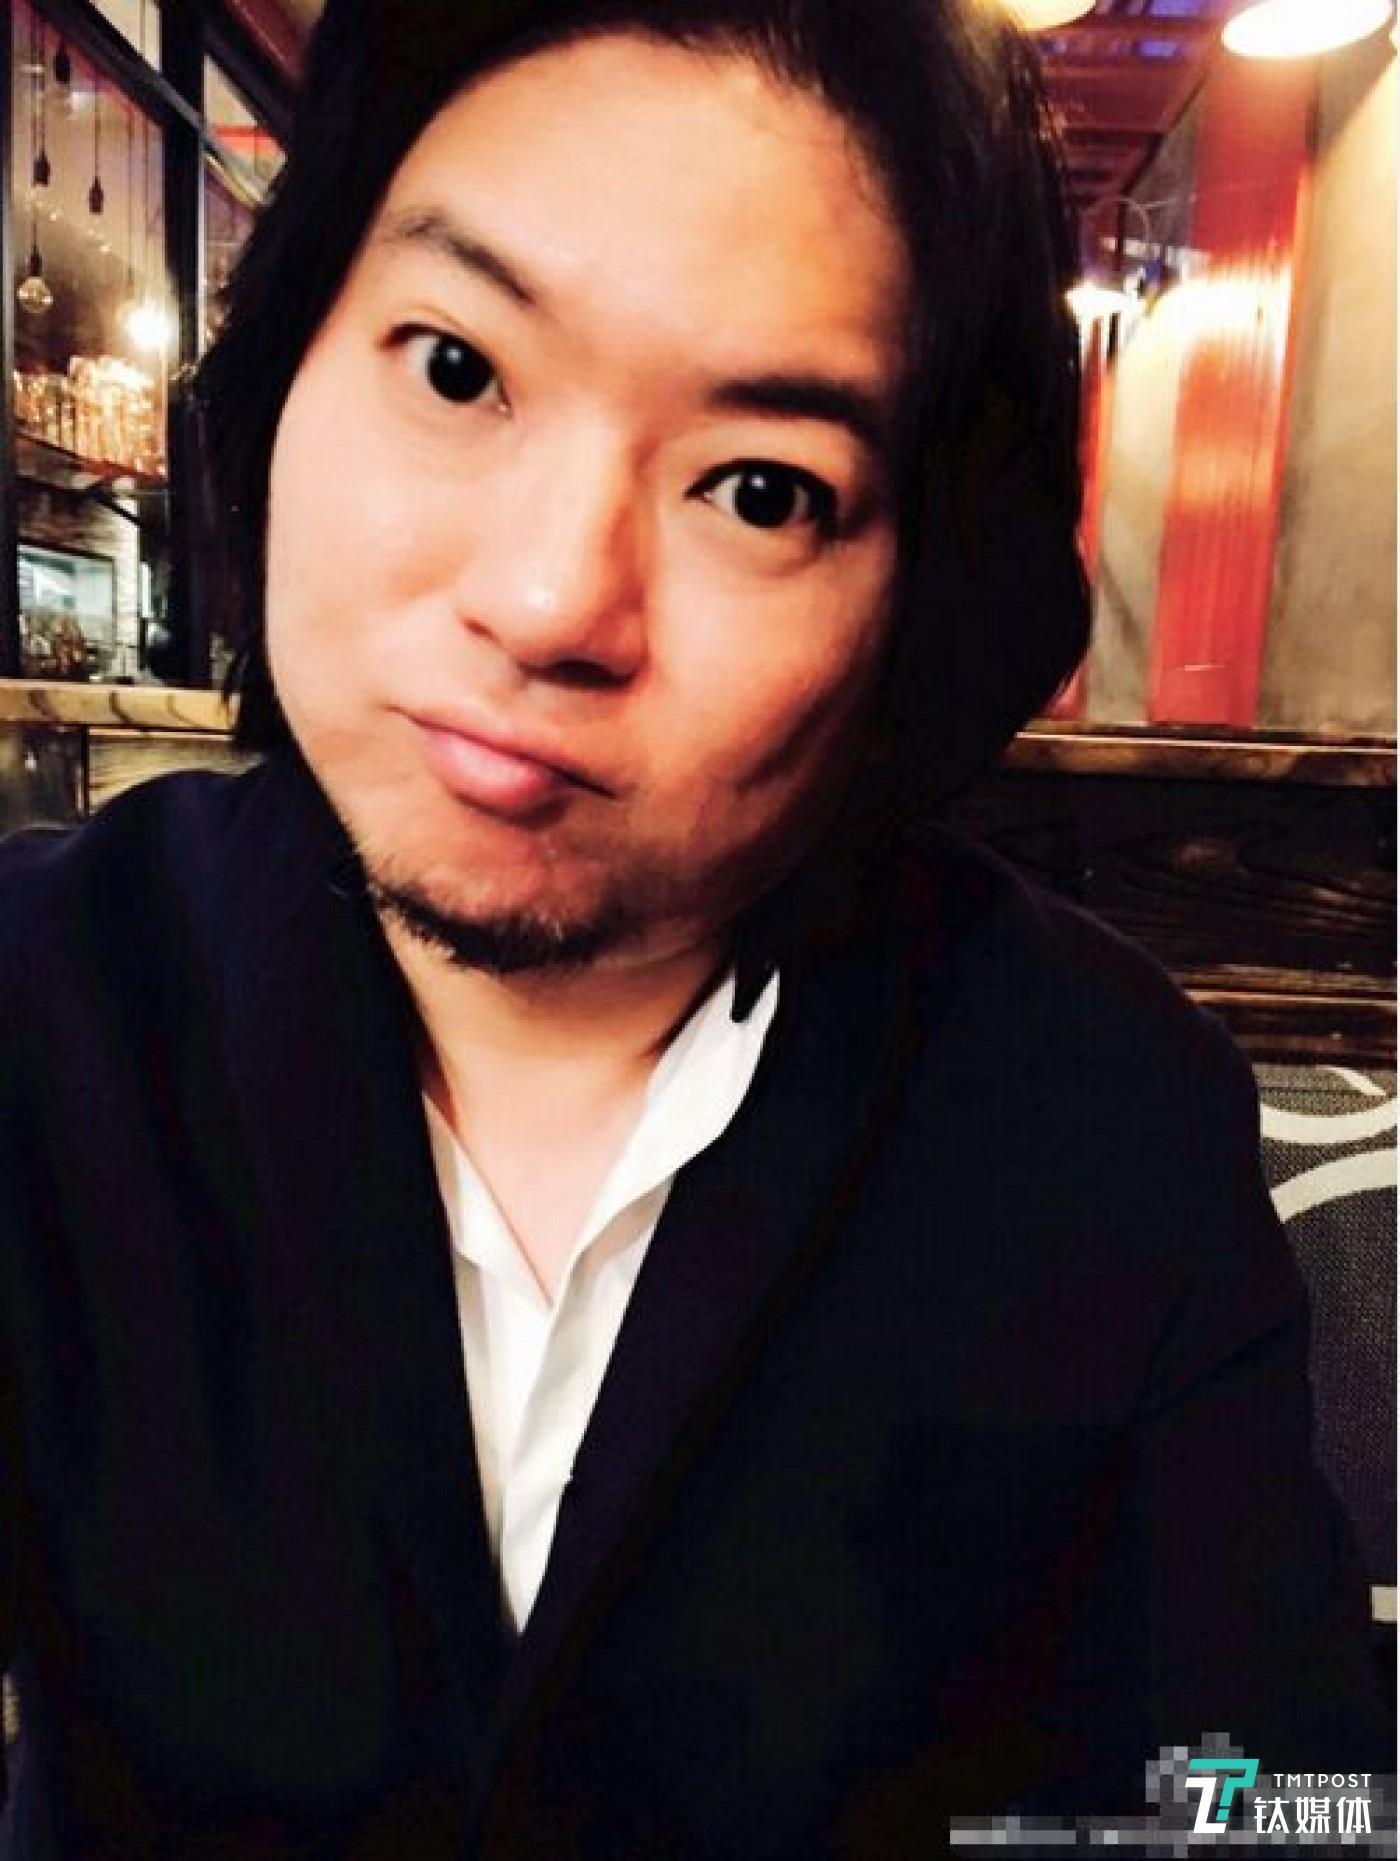 高晓松在微博发布了一系列自拍照